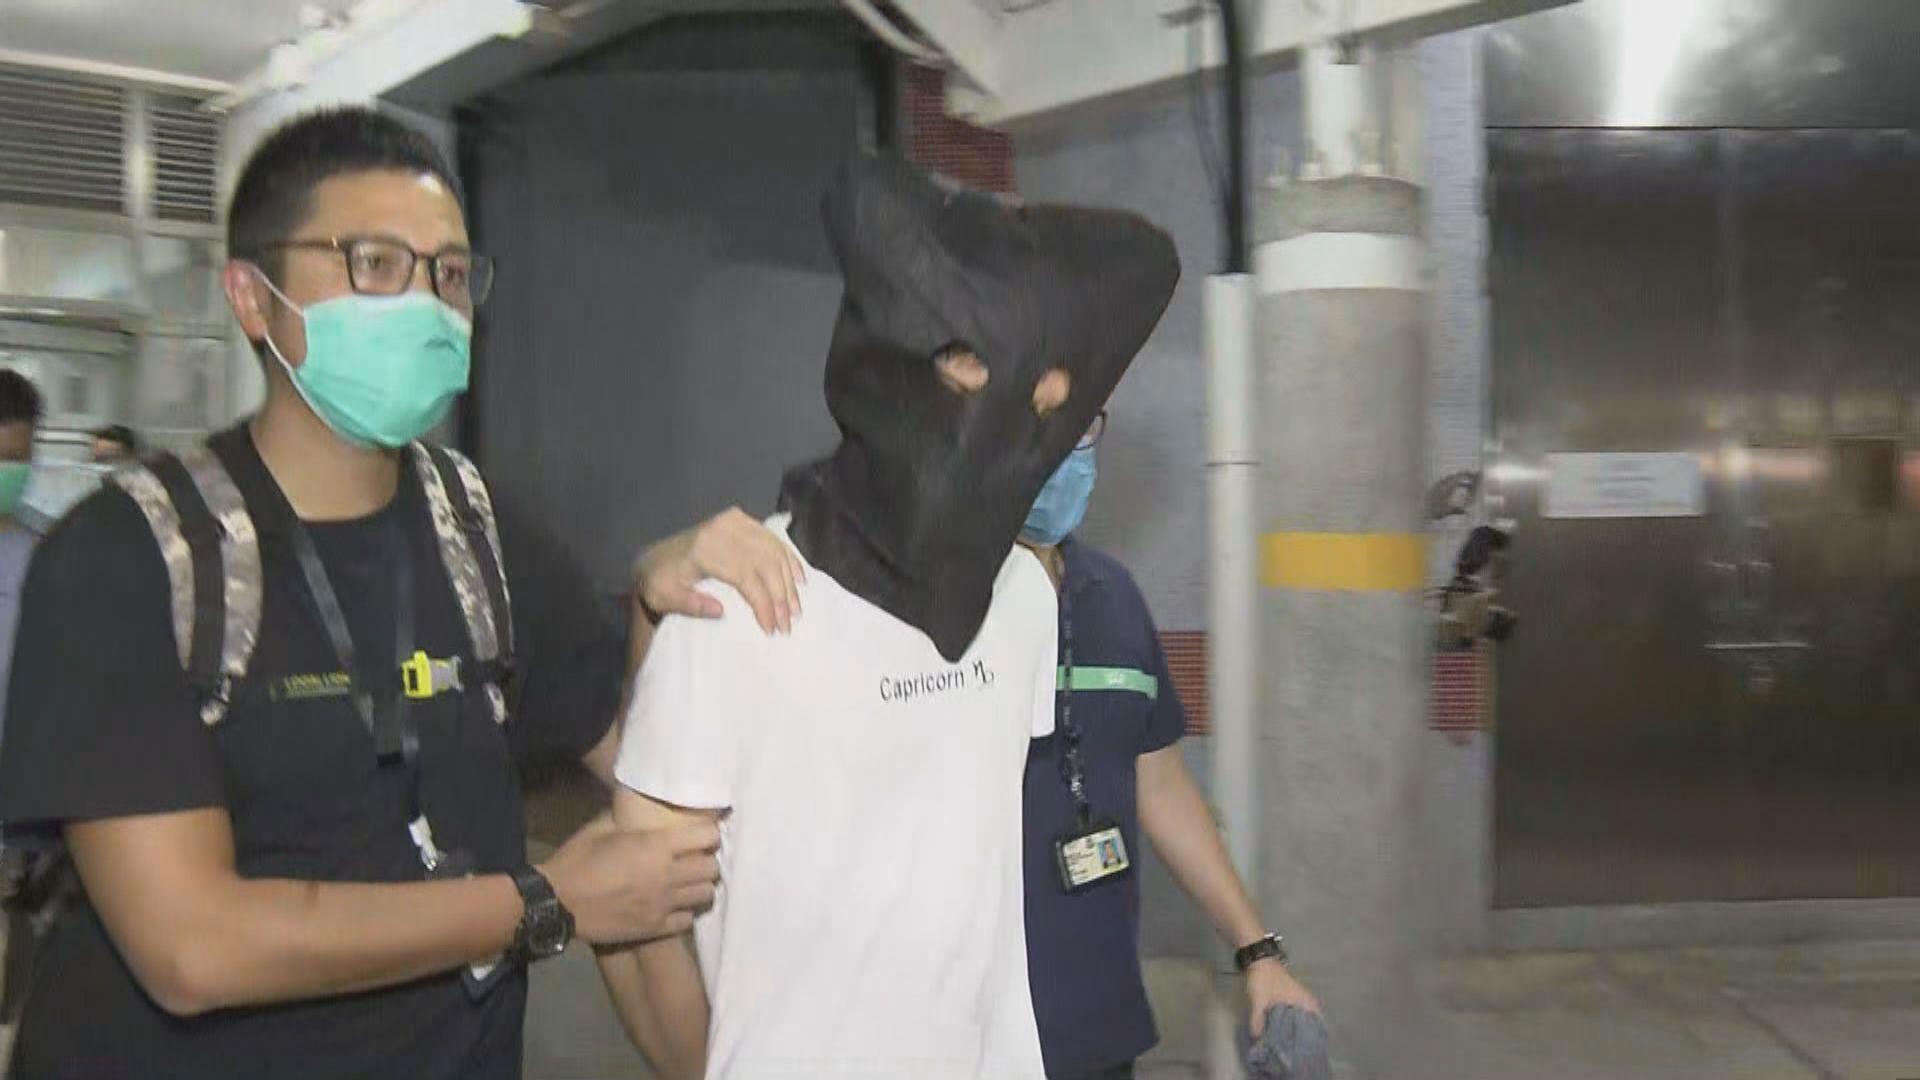 周三銅鑼灣刺傷警員案 警押疑犯返住所調查